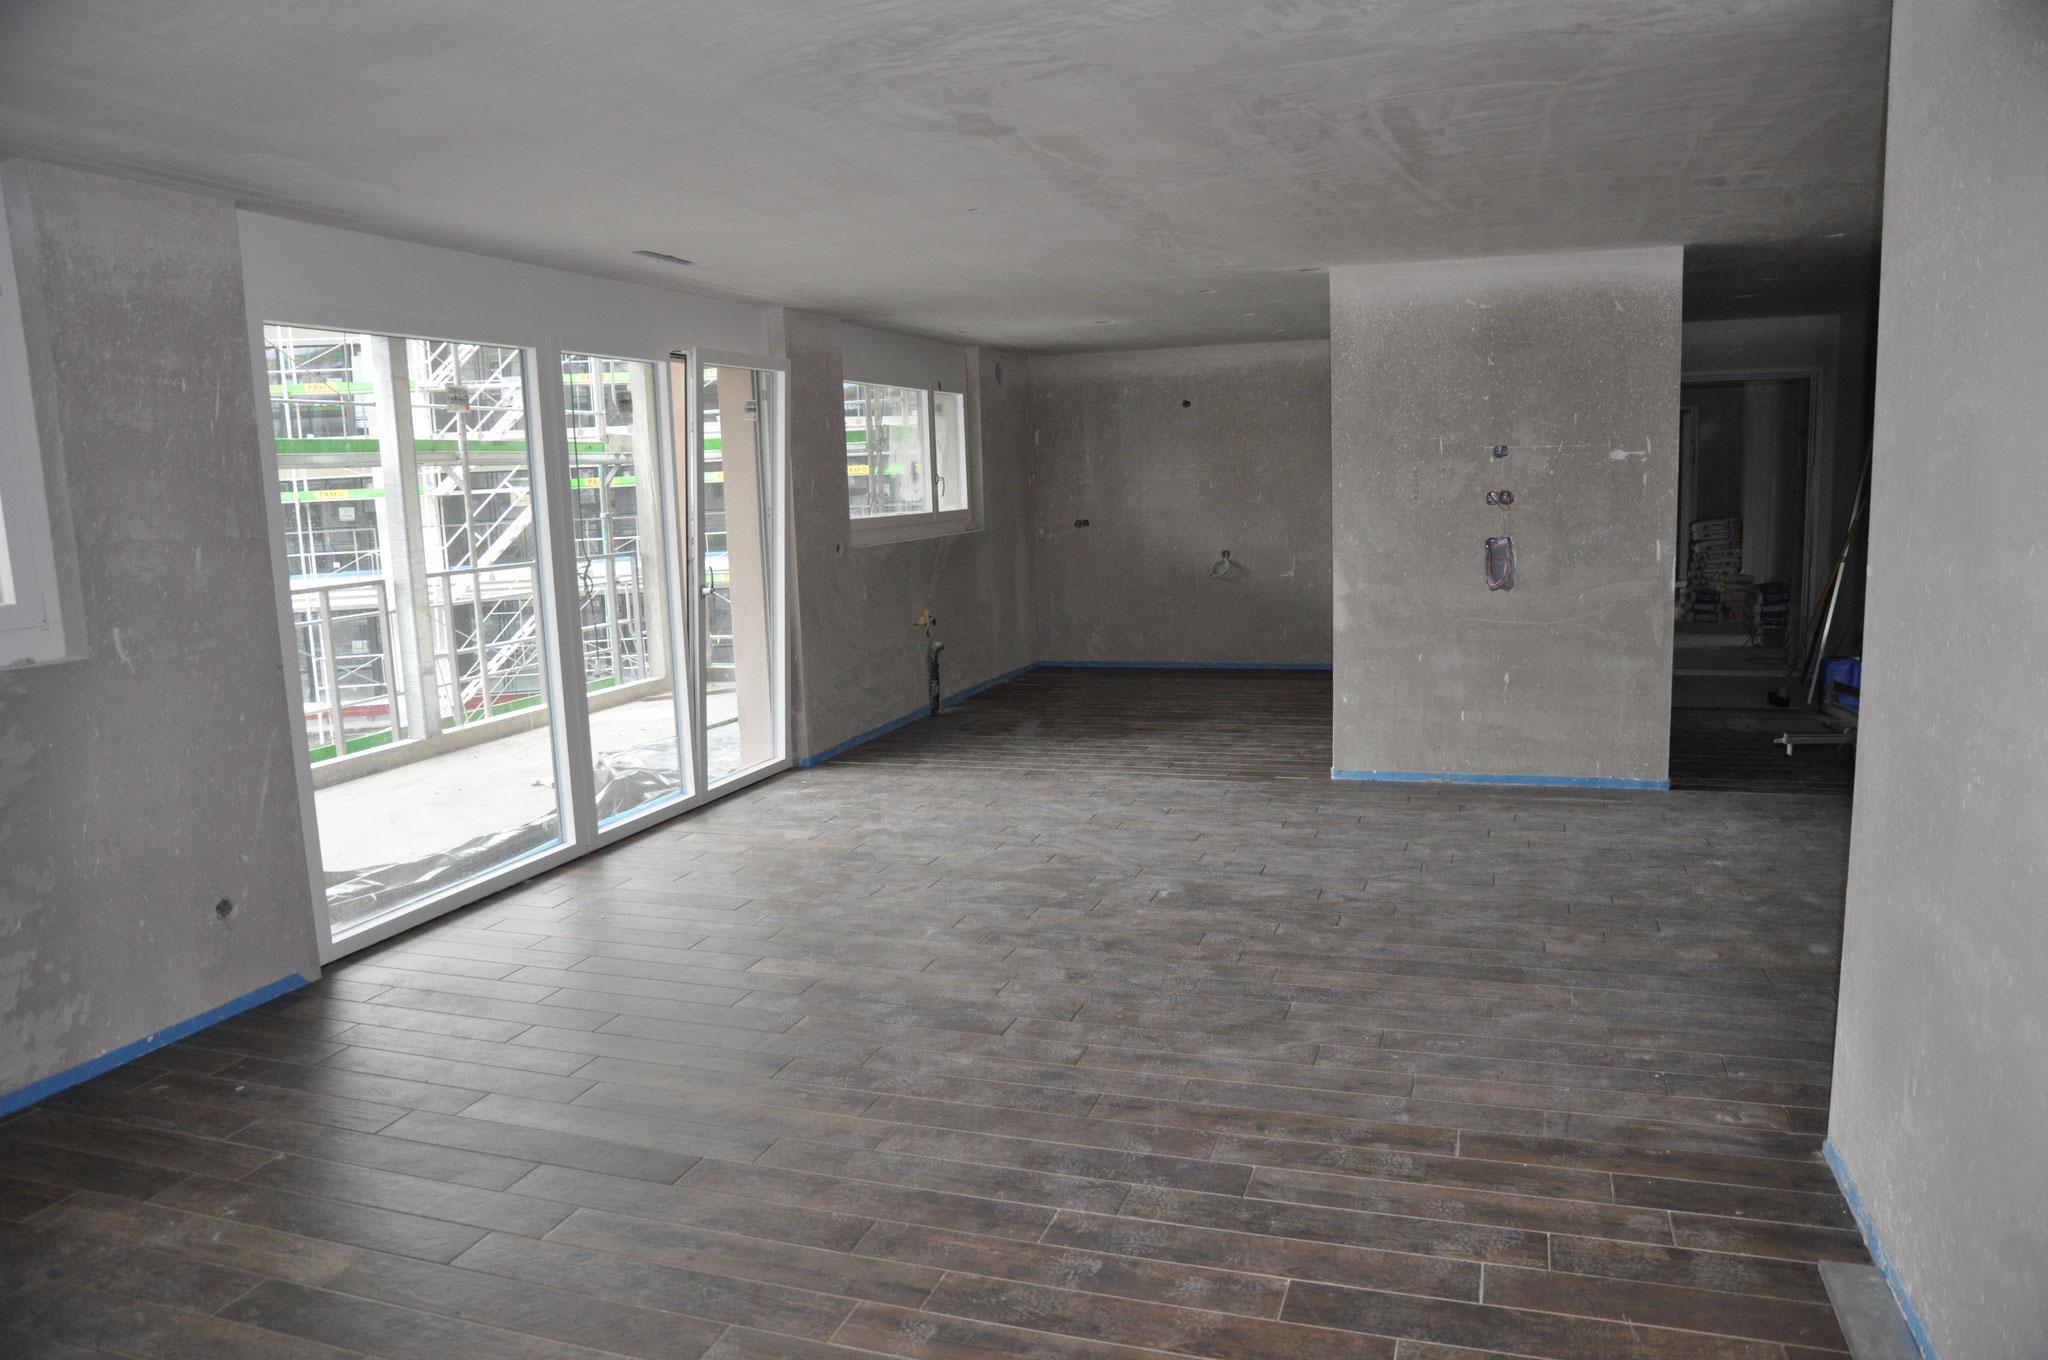 Innenausbau Küche/Essen/Wohnen 3,5 Zimmer Wohnung Einheit B (März 2016)